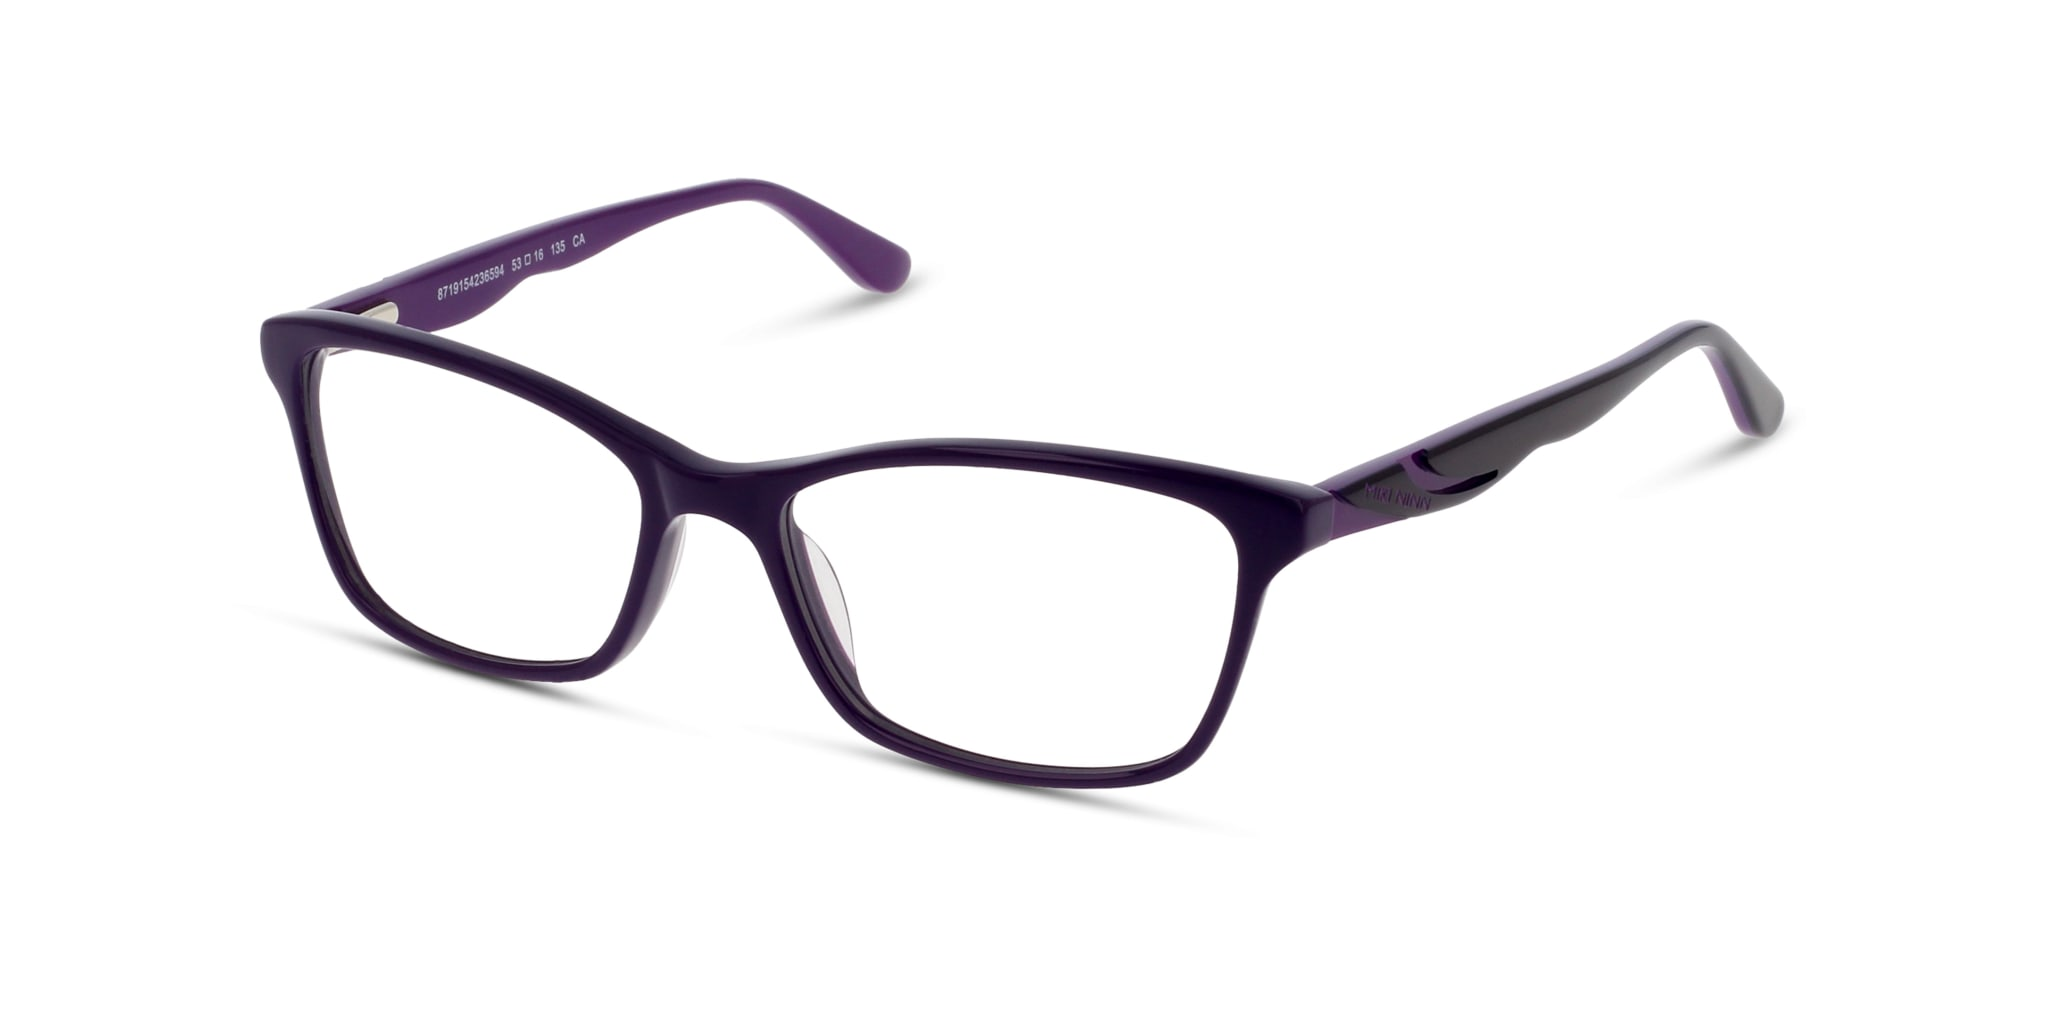 8719154236594-angle-01-miki-ninn-mnff07-waveboom-violet-violet